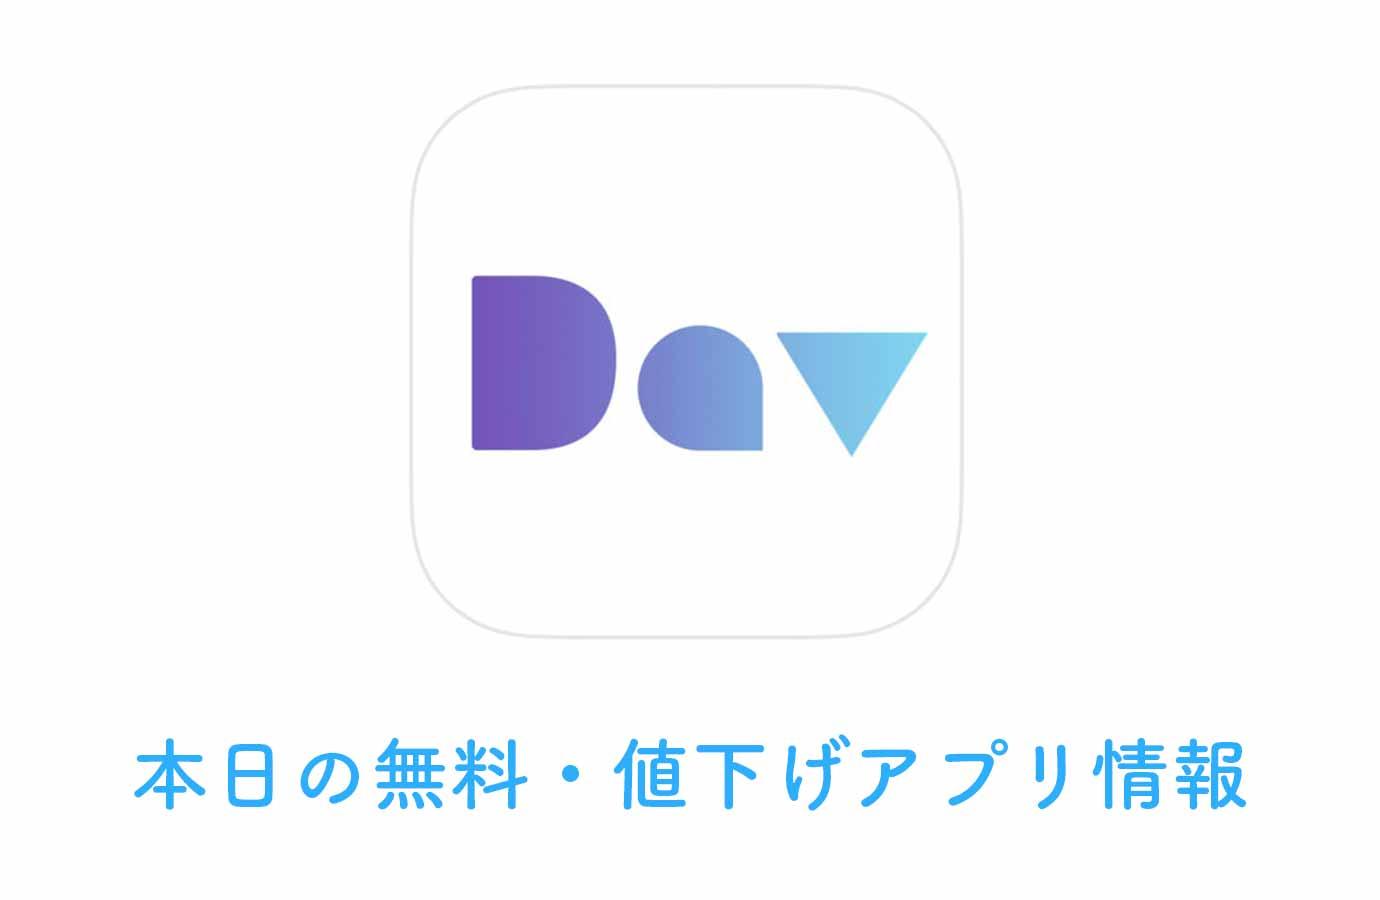 240円→無料、デザインがオシャレなカウントダウンアプリ「FancyDays: Light Pro」など【5/20】本日の無料・値下げアプリ情報